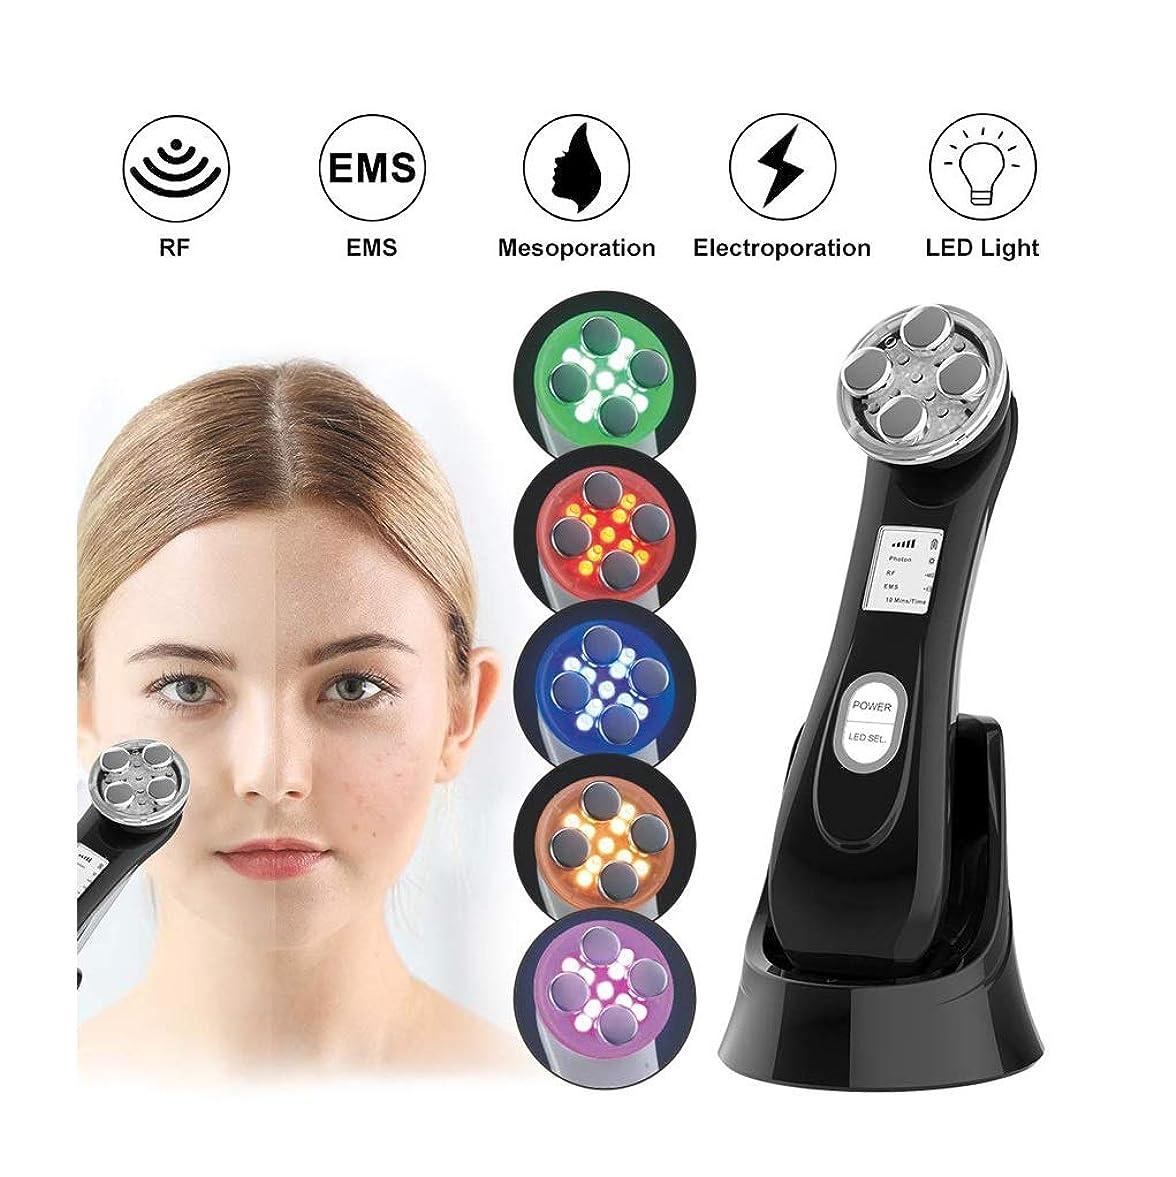 九時四十五分リボンピケハンディマッサージャー RFの美の器械、1つのRFの美の反老化の反アクネの顔の引き締まる美機械に付きしわ機械6つ高周波USB再充電可能なEMS超音波LEDの顔のスキンケア